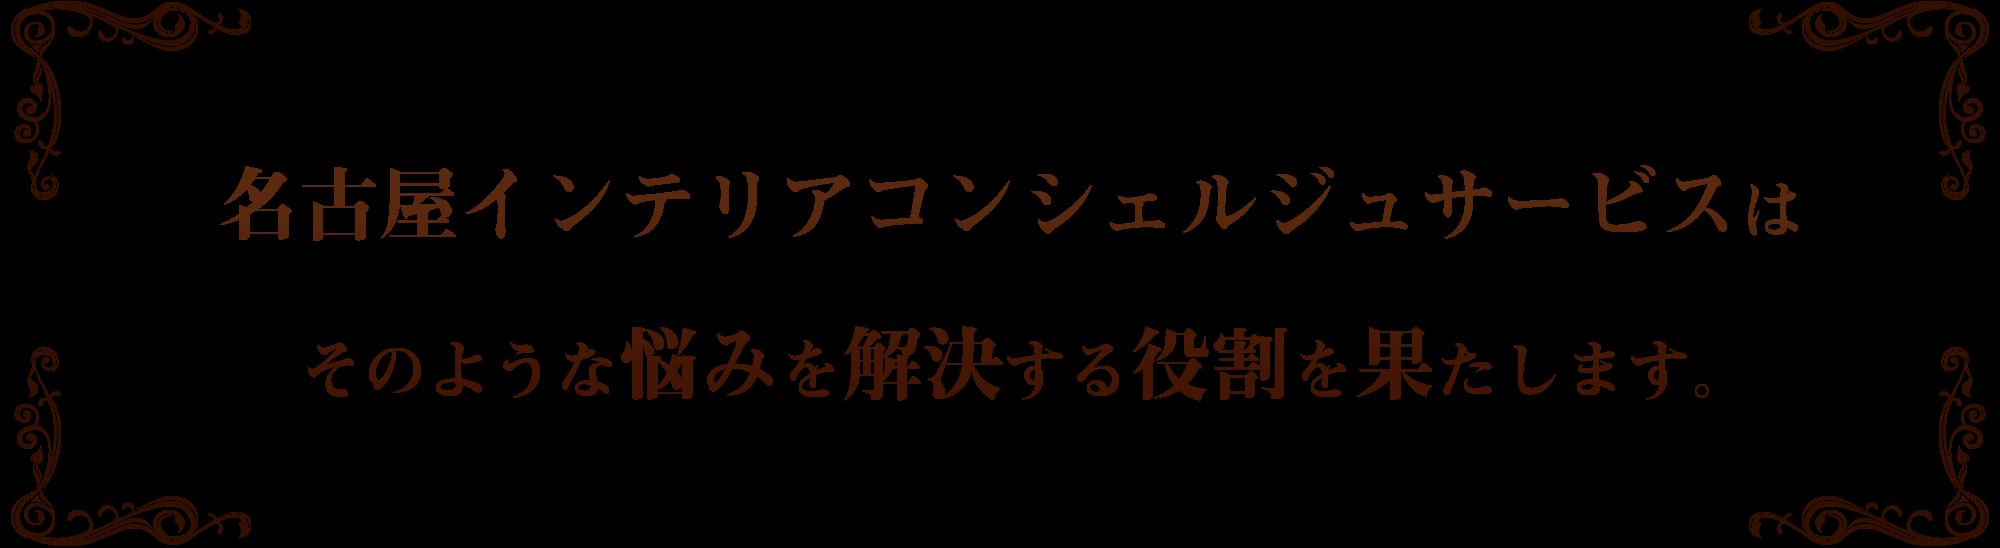 名古屋インテリアコンシェルジュサービスはそのような悩みを解決する役割を果たします。